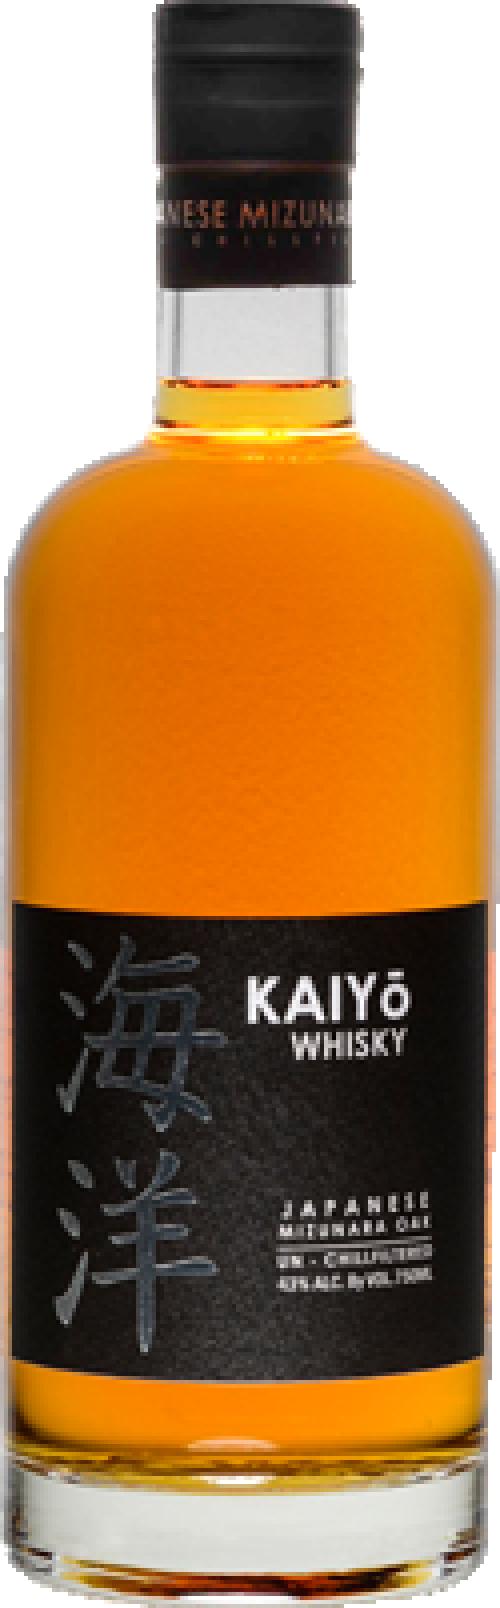 Kaiyo Japanese Whisky 750ml